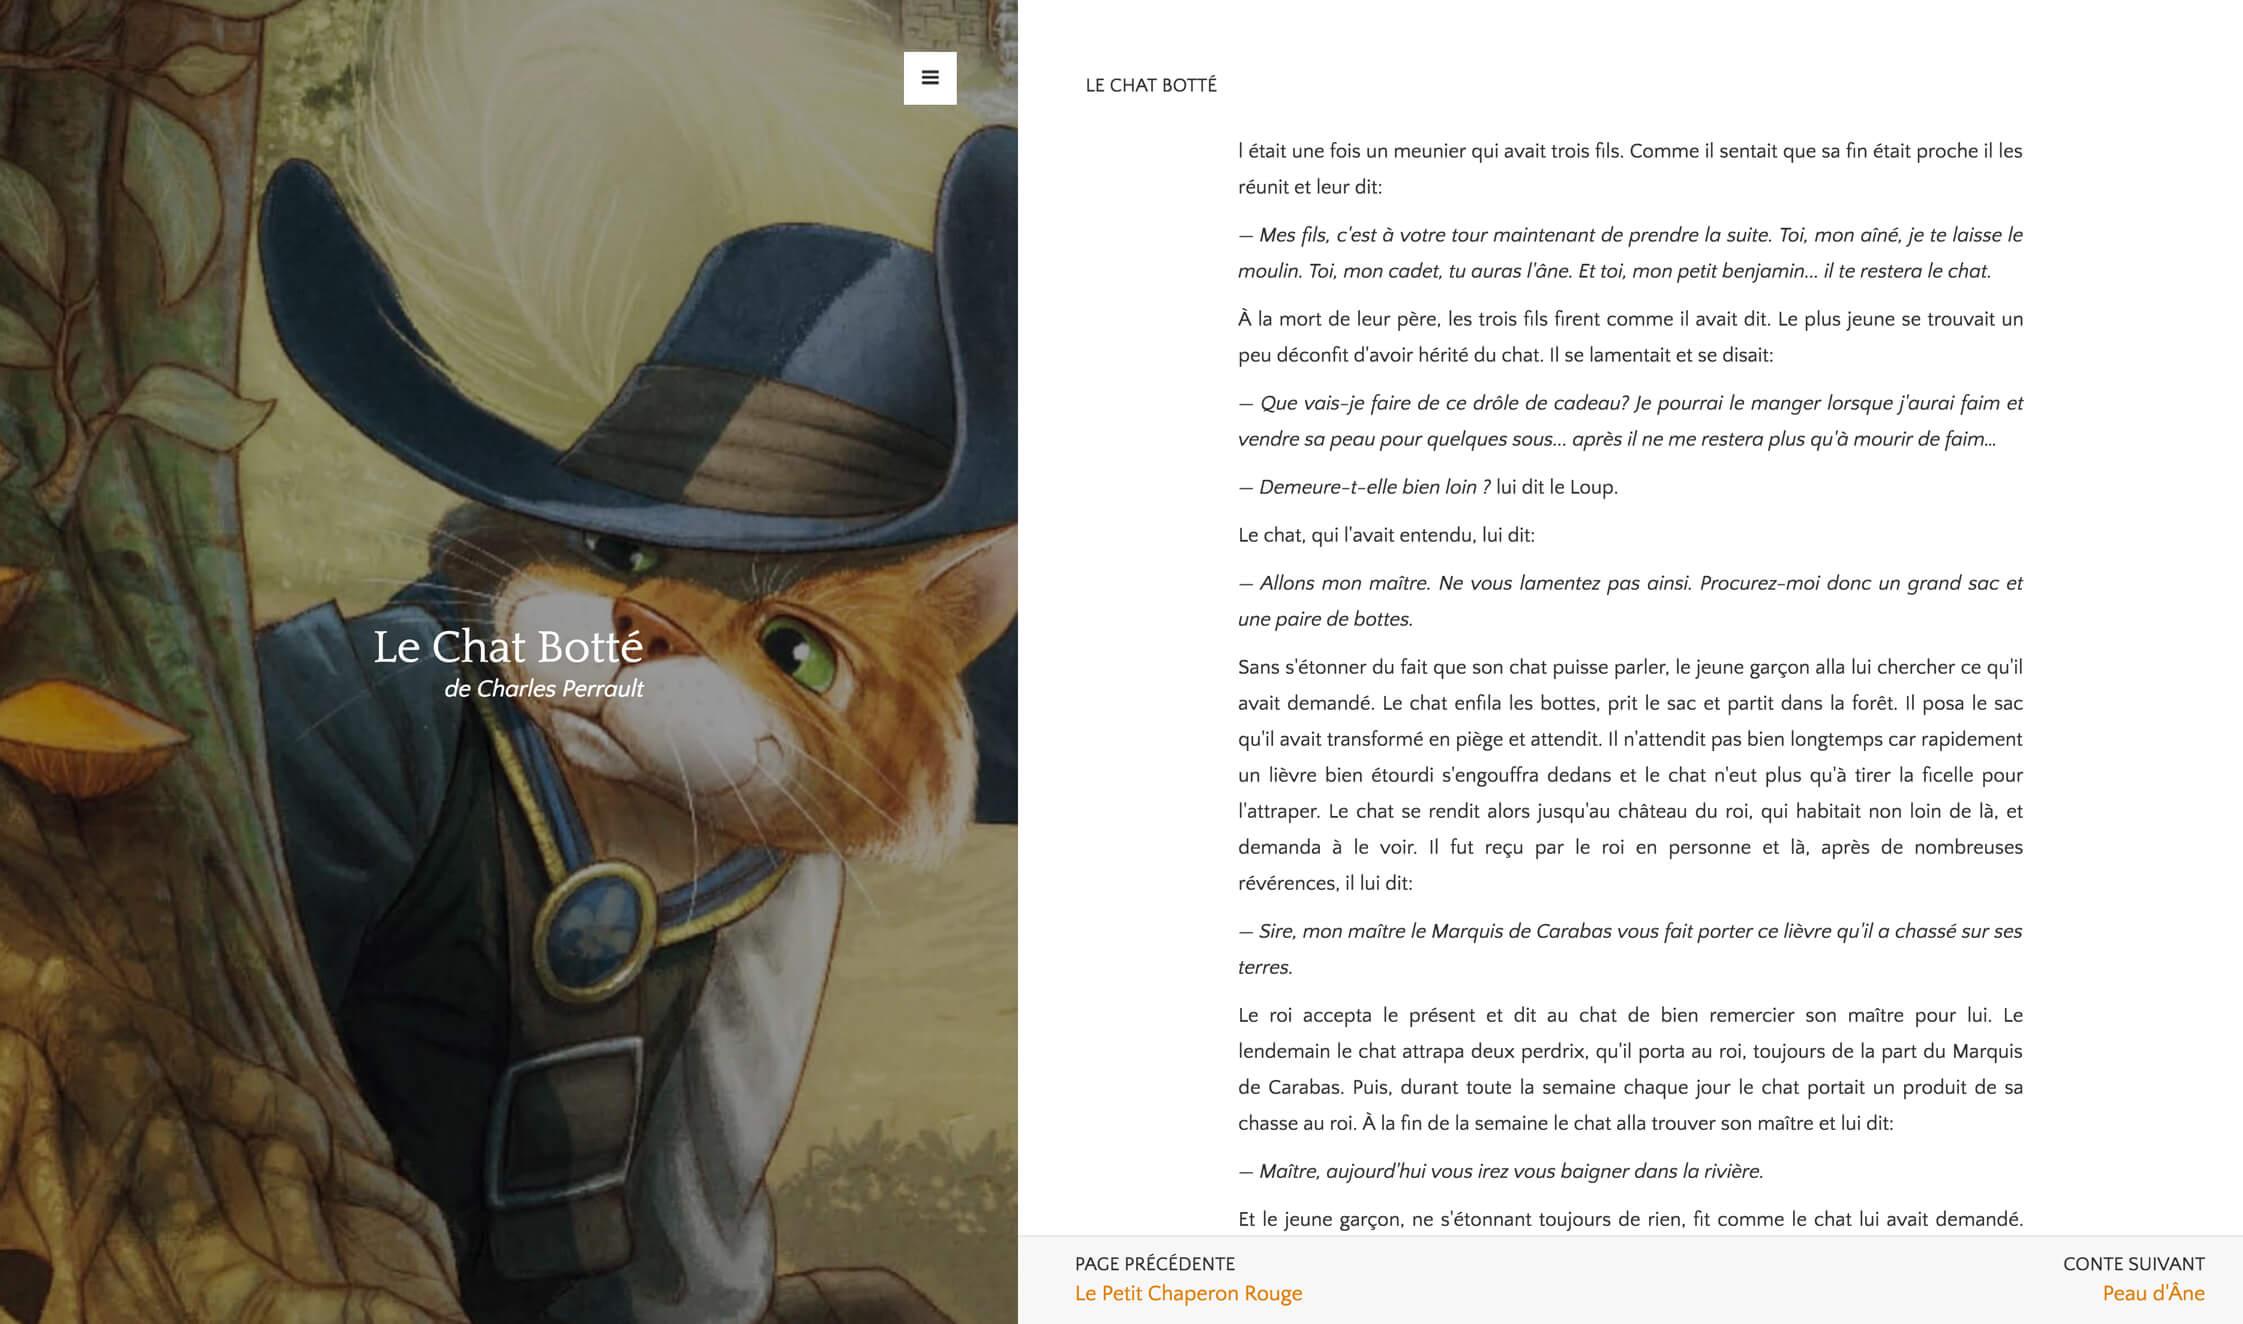 le chat botté - blaise posmyouck